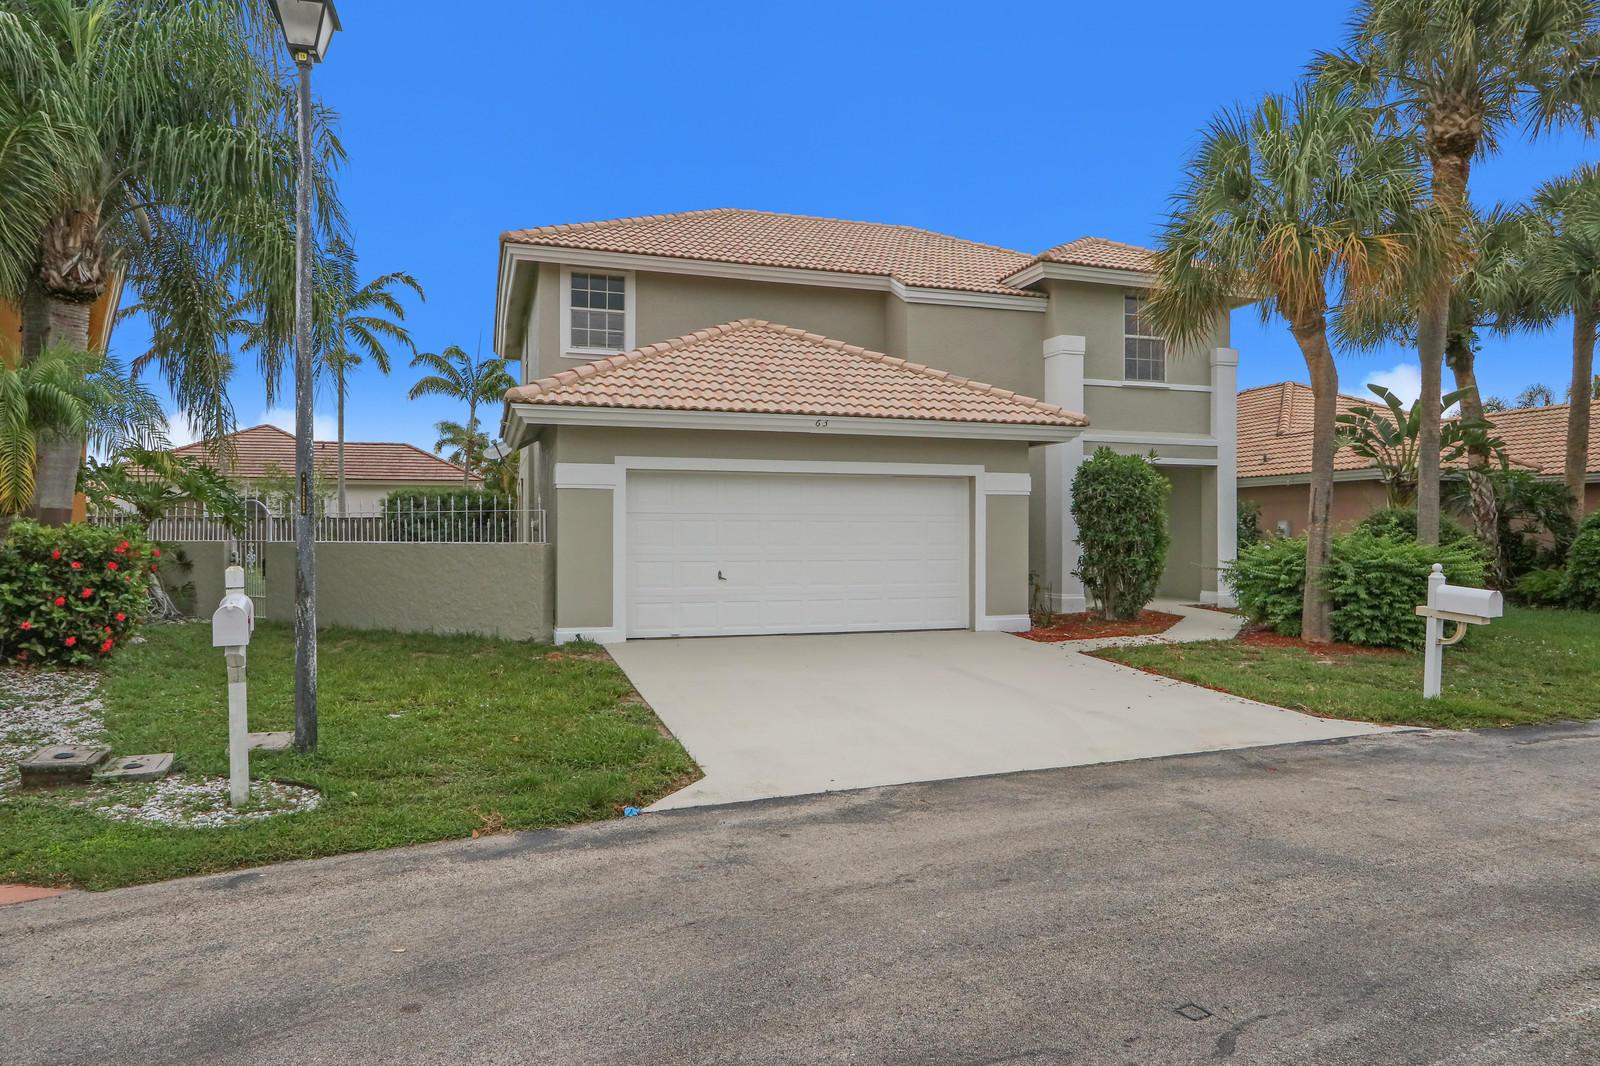 Home for sale in Boynton Estates, Citrus Park Boynton Beach Florida